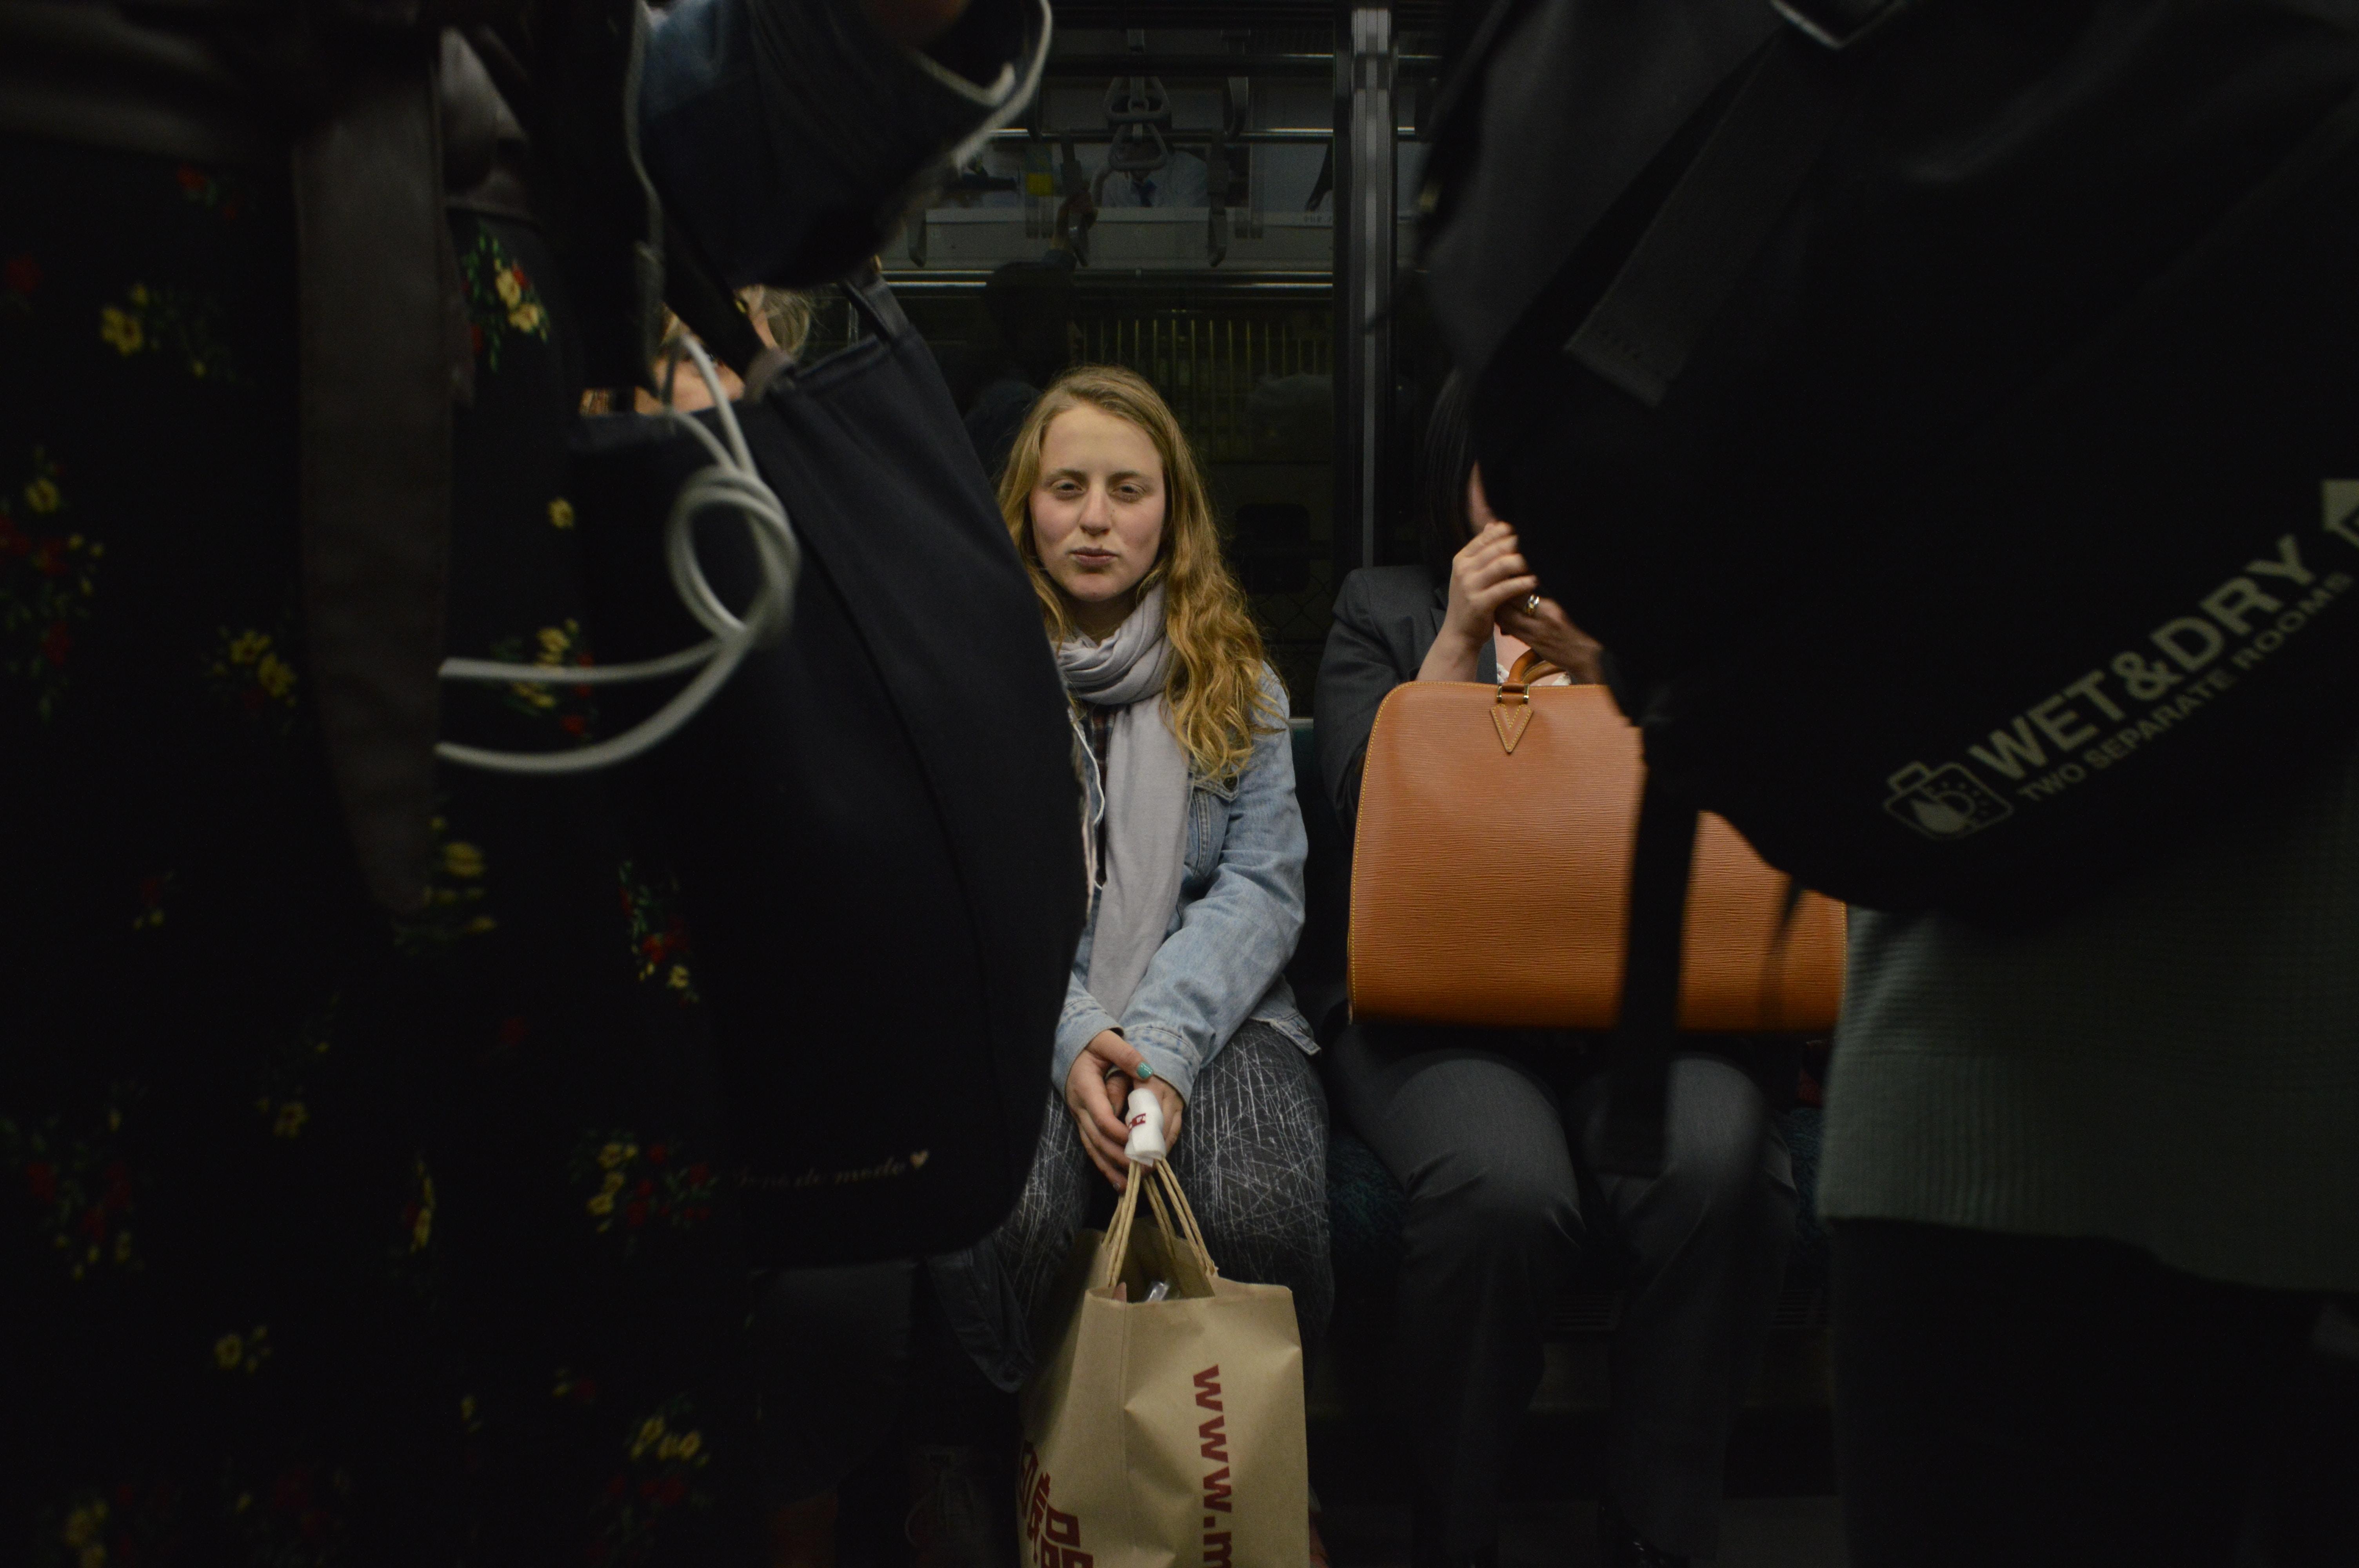 woman inside public transportation